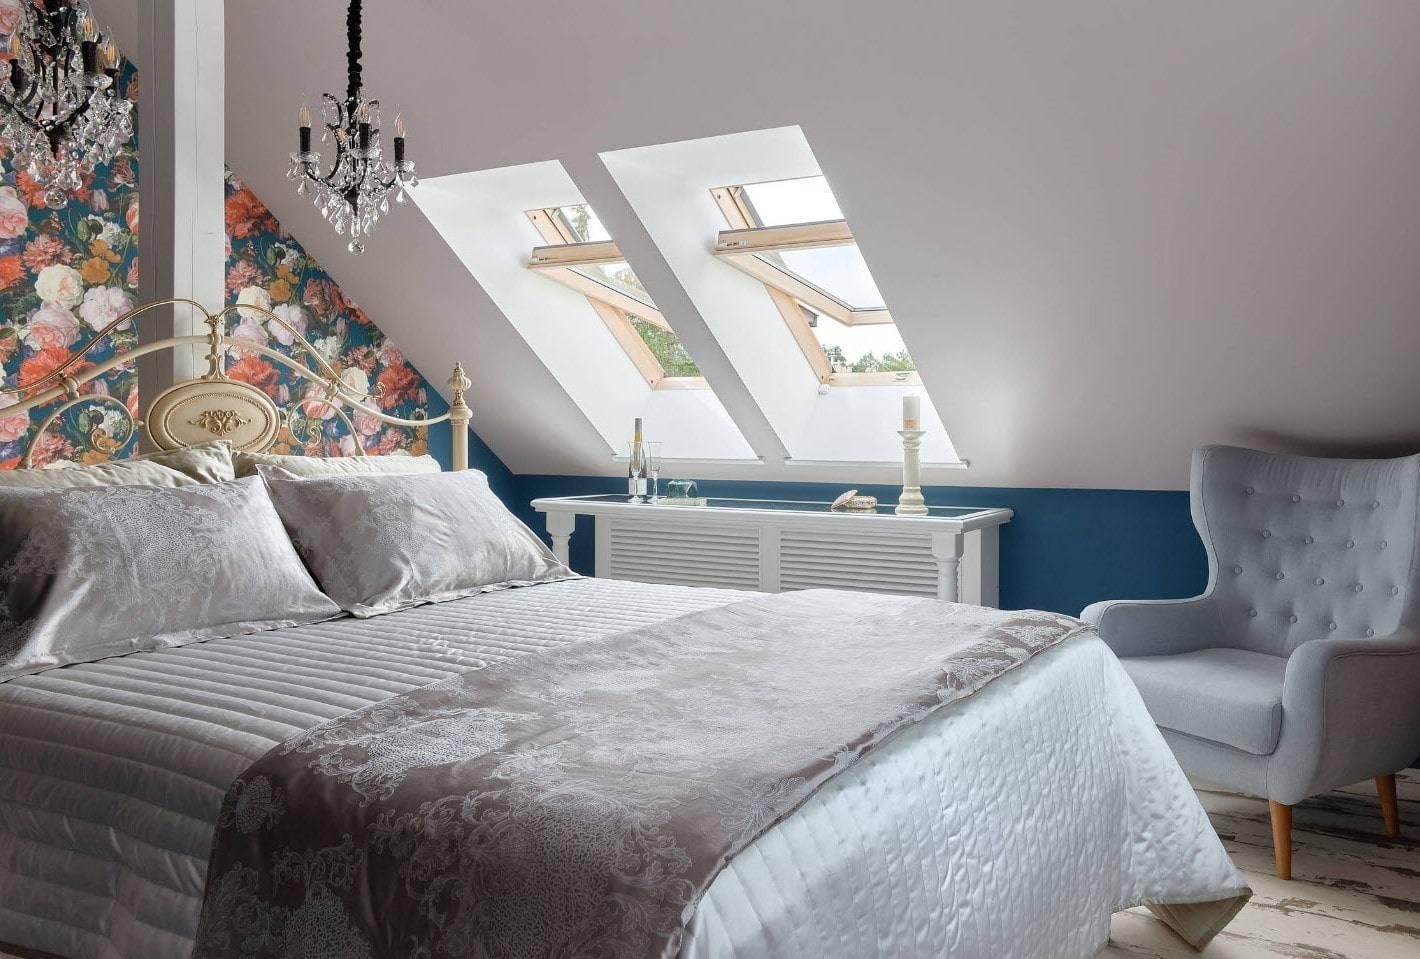 Спальня в мансарде (54 фото): планировка и идеи дизайна интерьера